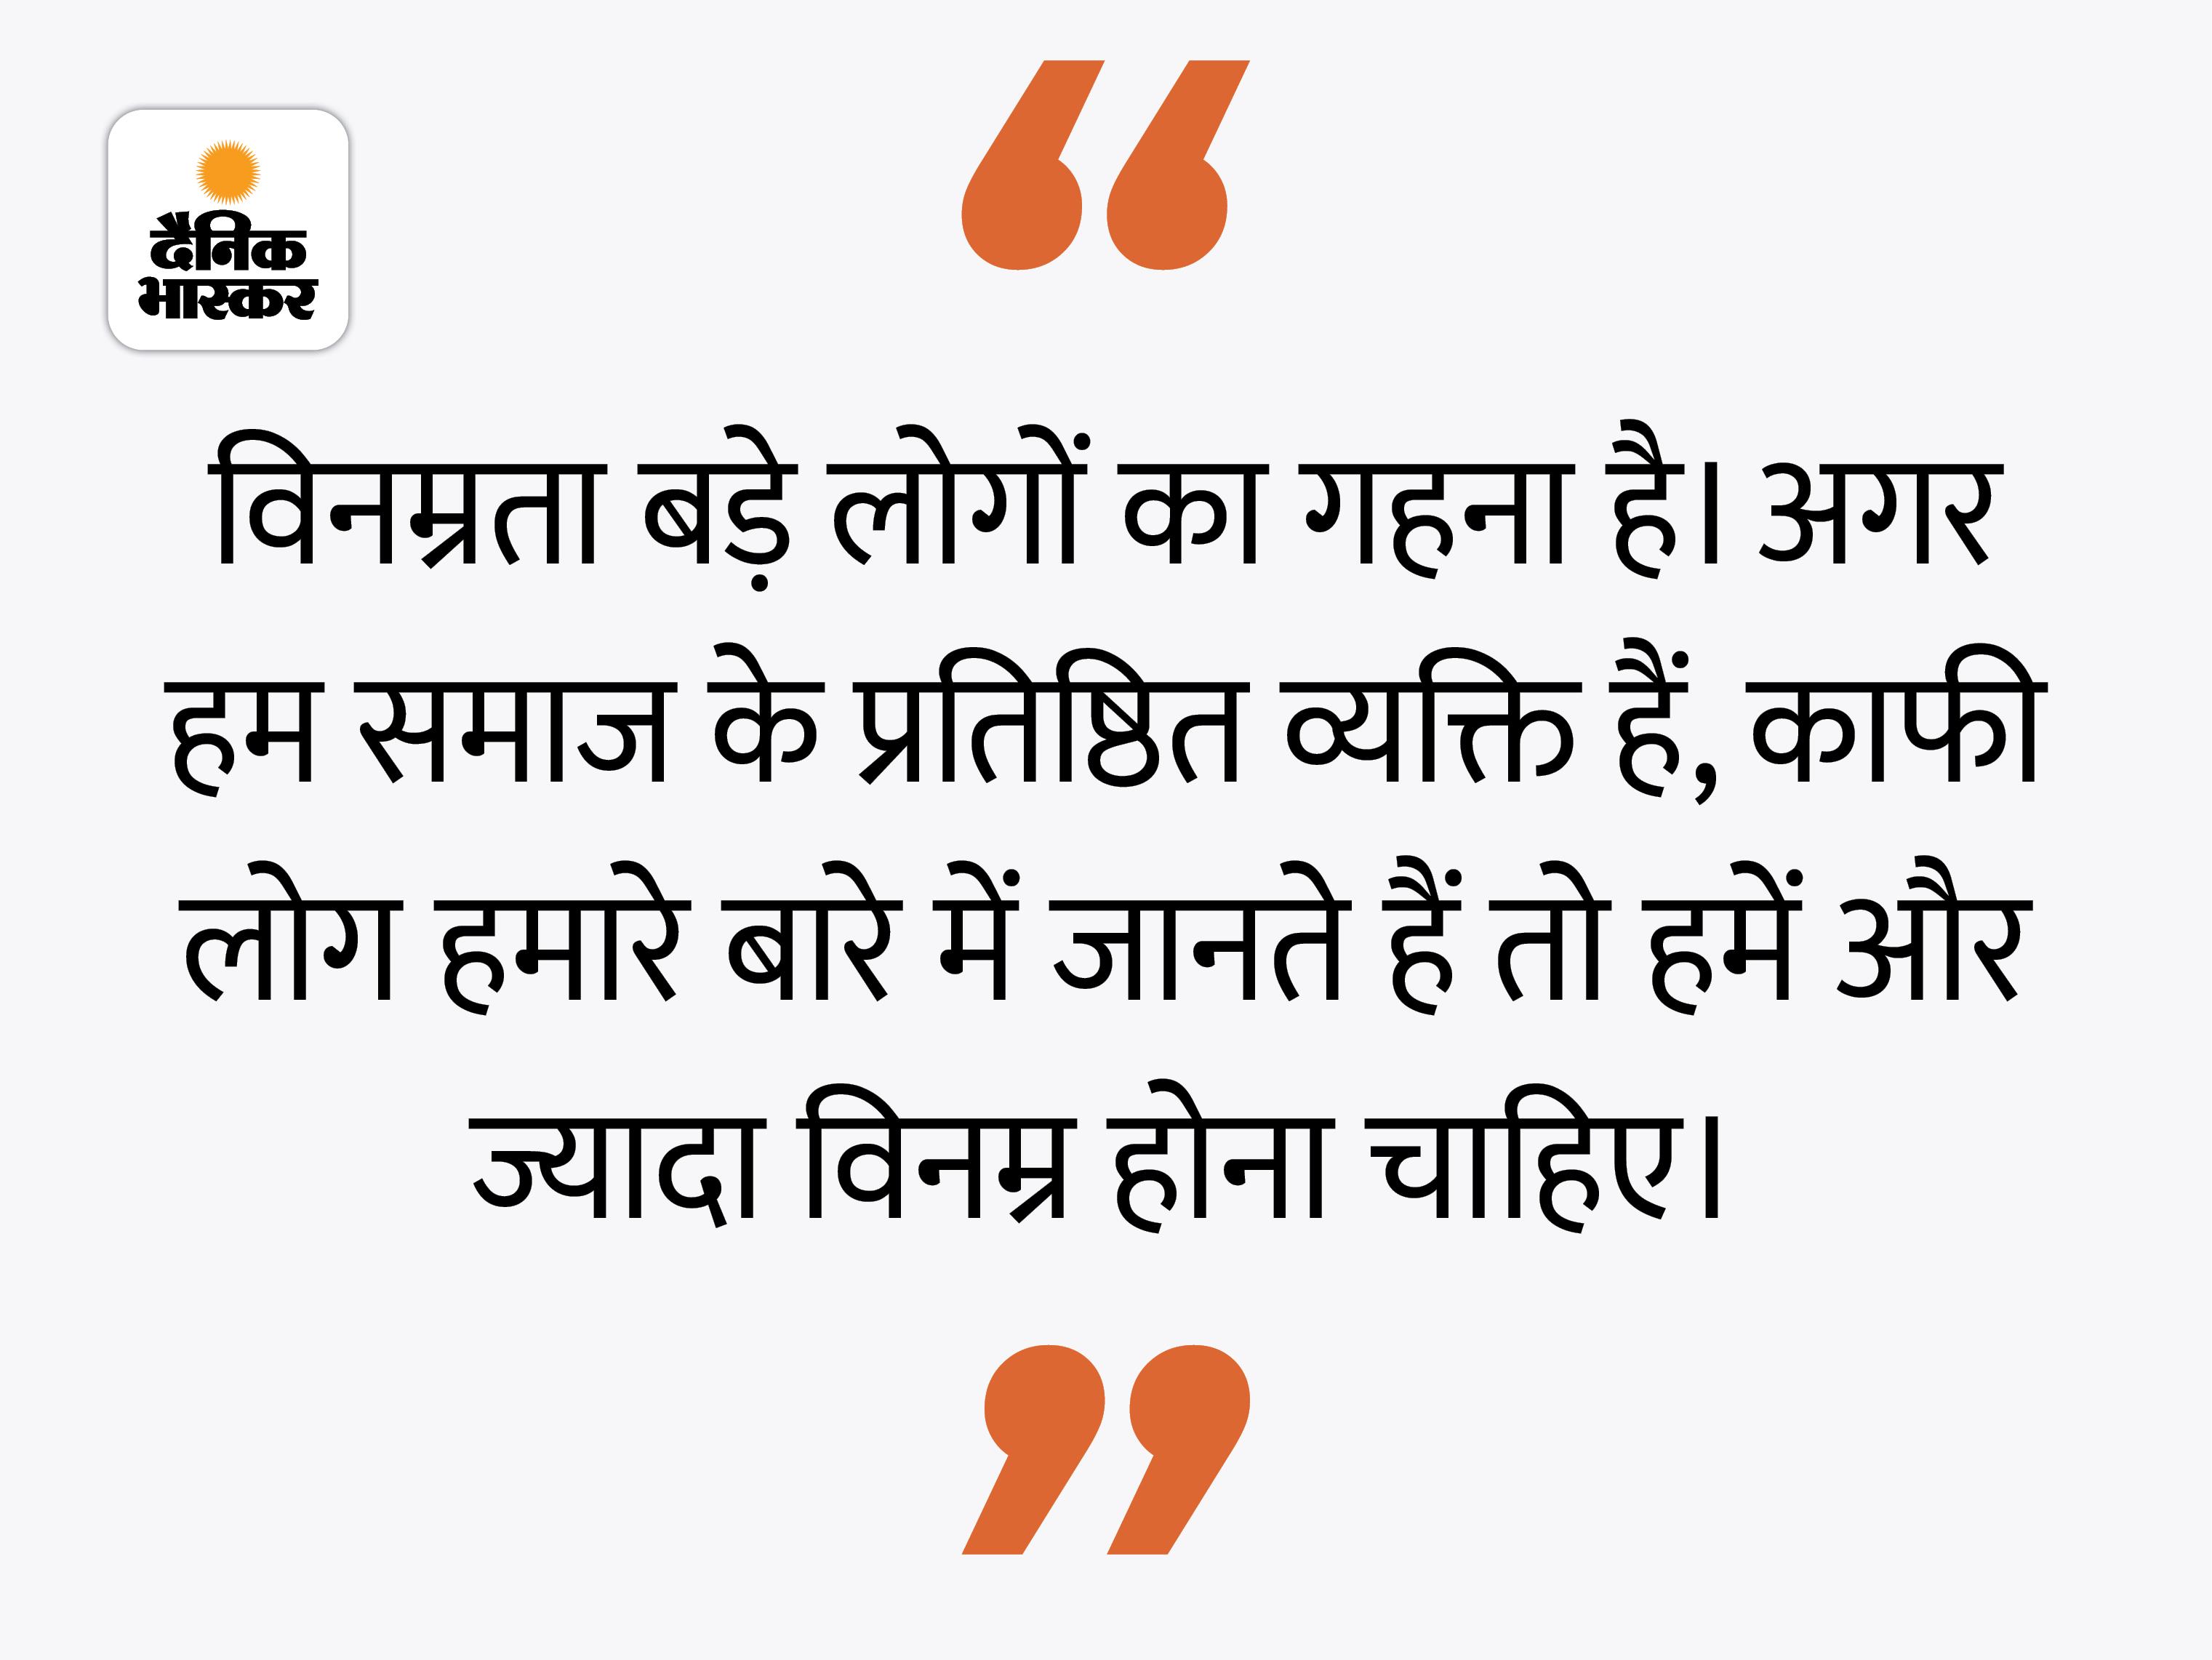 जब कोई हमारे साथ बुरा व्यवहार करता है तो शांत रहकर उसे सहन करना चाहिए|धर्म,Dharm - Dainik Bhaskar